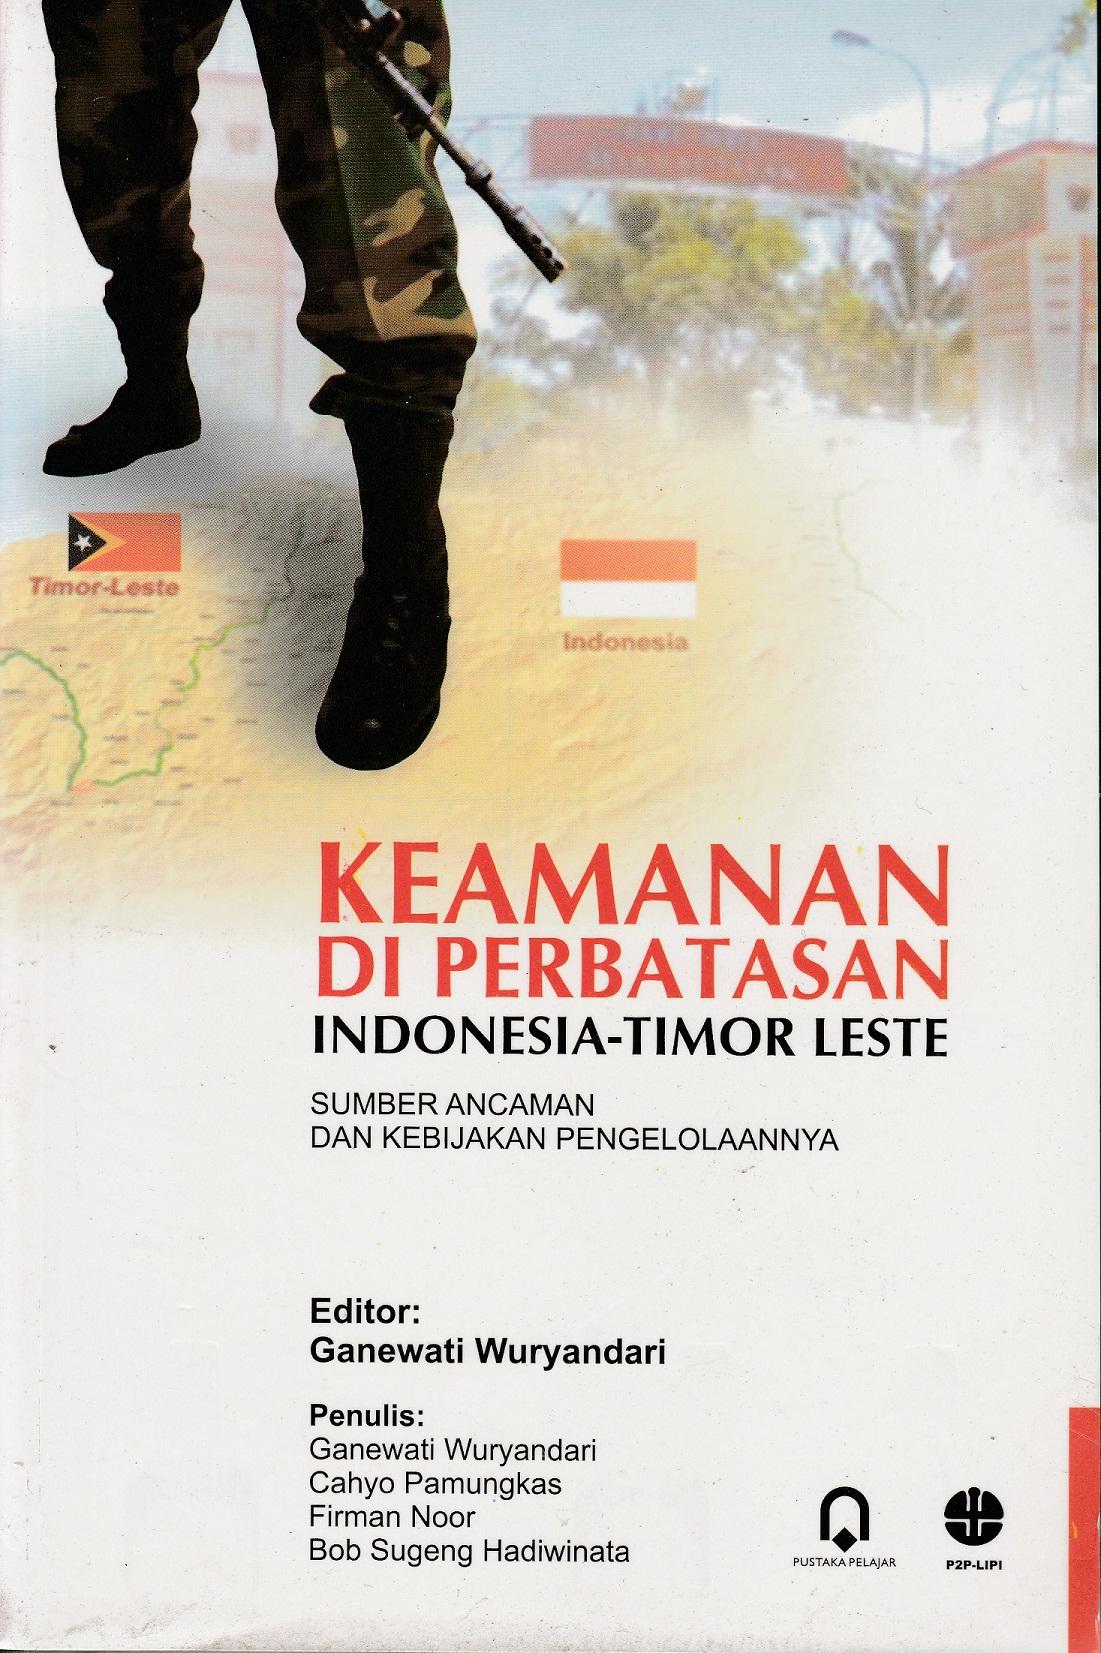 Keamanan di Perbatasan Indonesia – Timor Leste